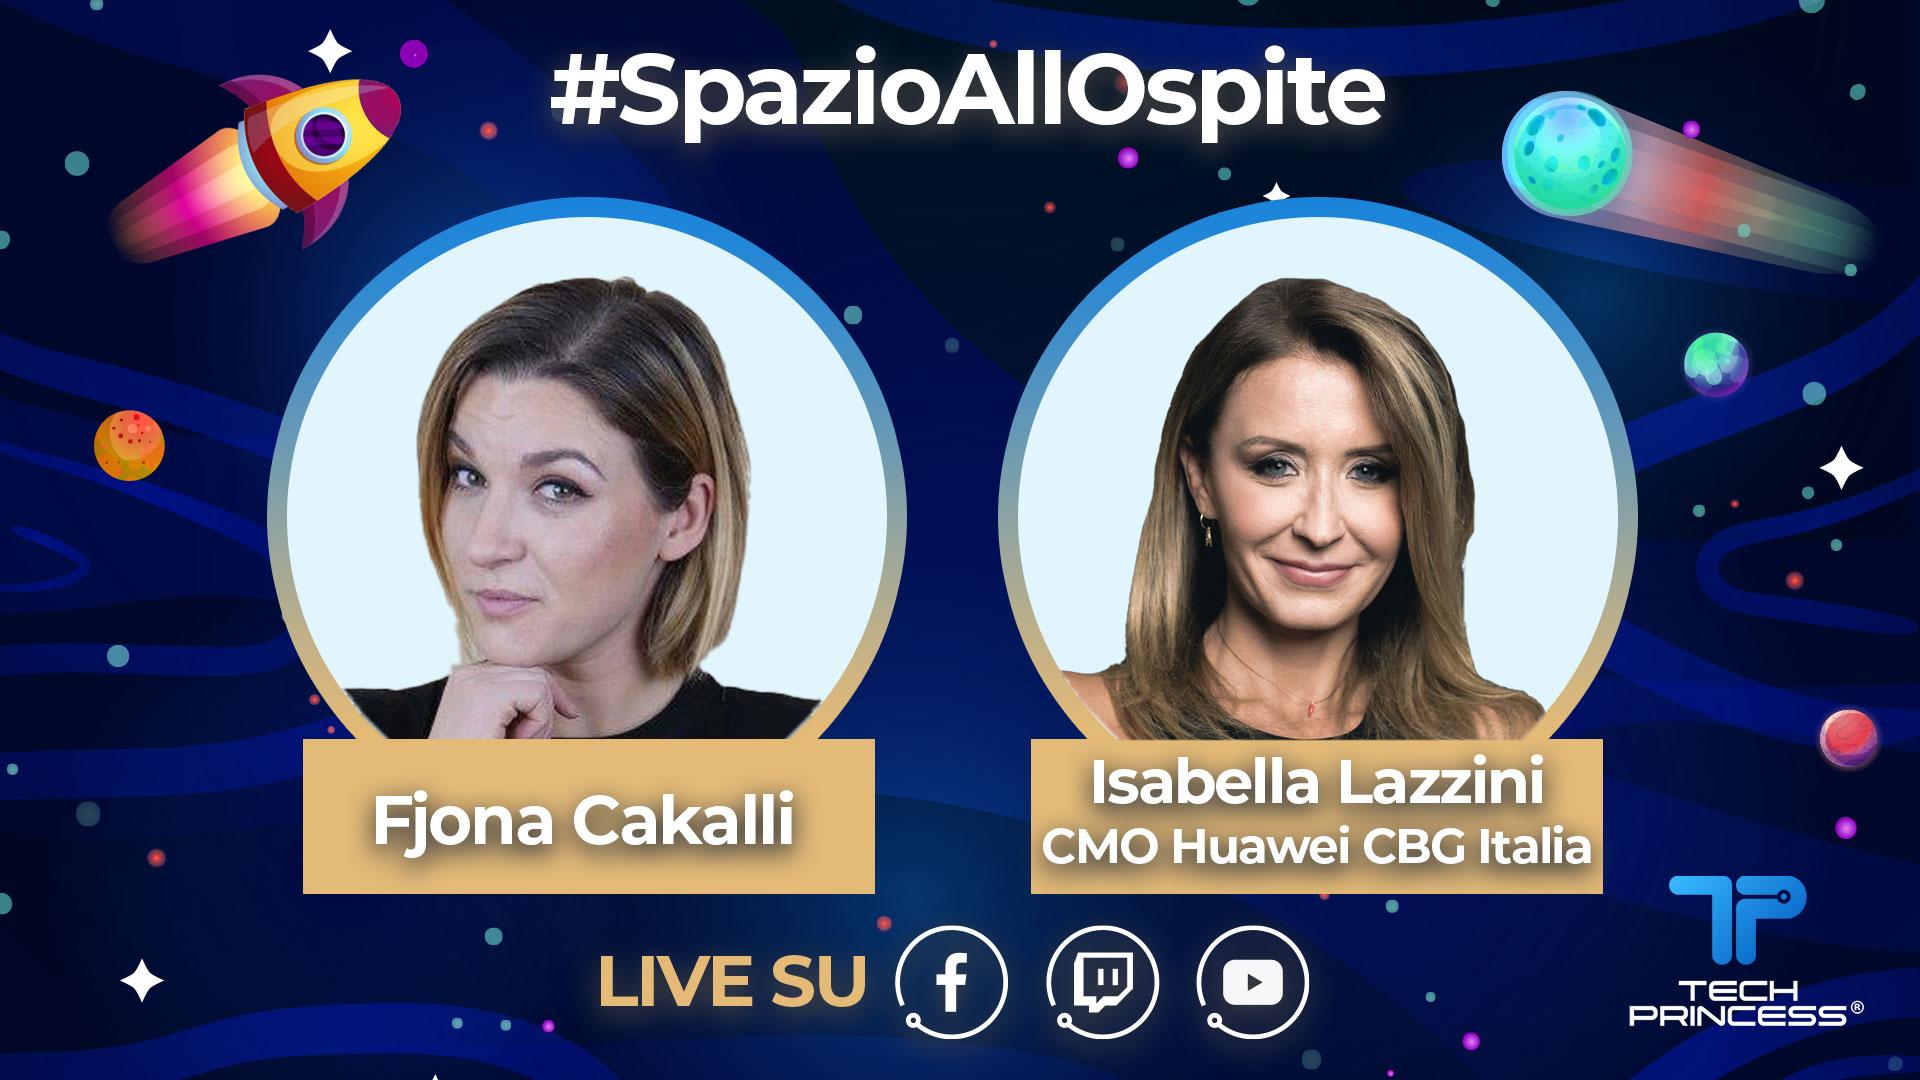 Isabella Lazzini, Huawei: intervista in diretta giovedì 16 Aprile ore 18.00 | #SpazioAllOspite thumbnail